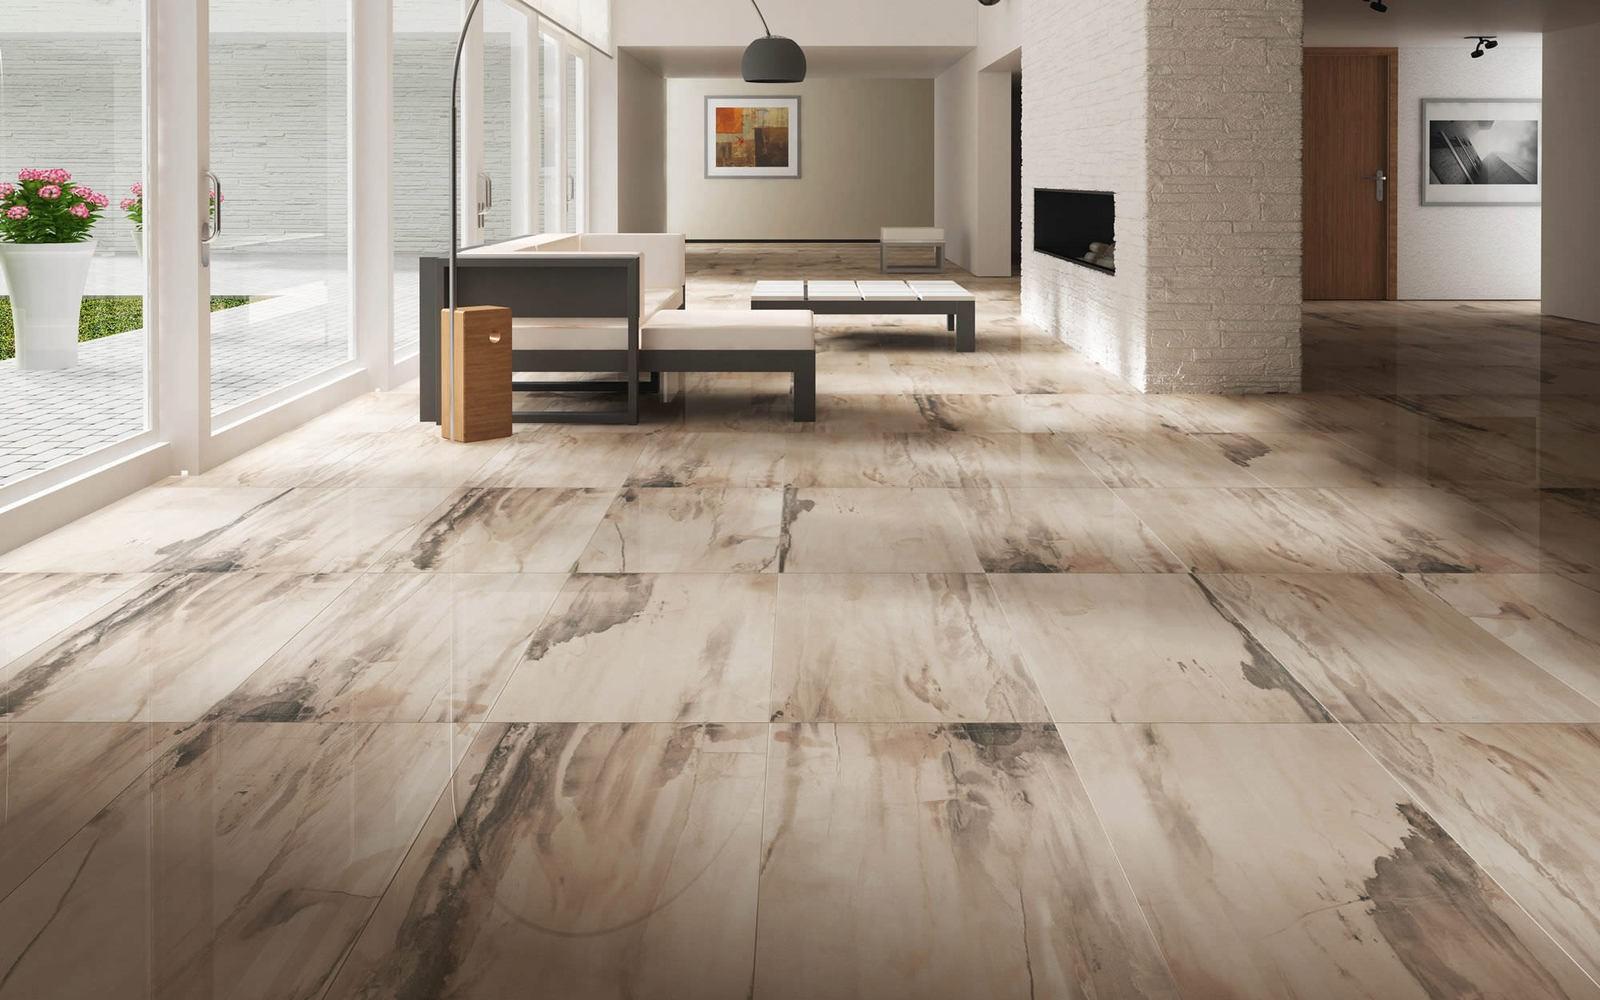 stylish ceramic flooring KDVKGFX